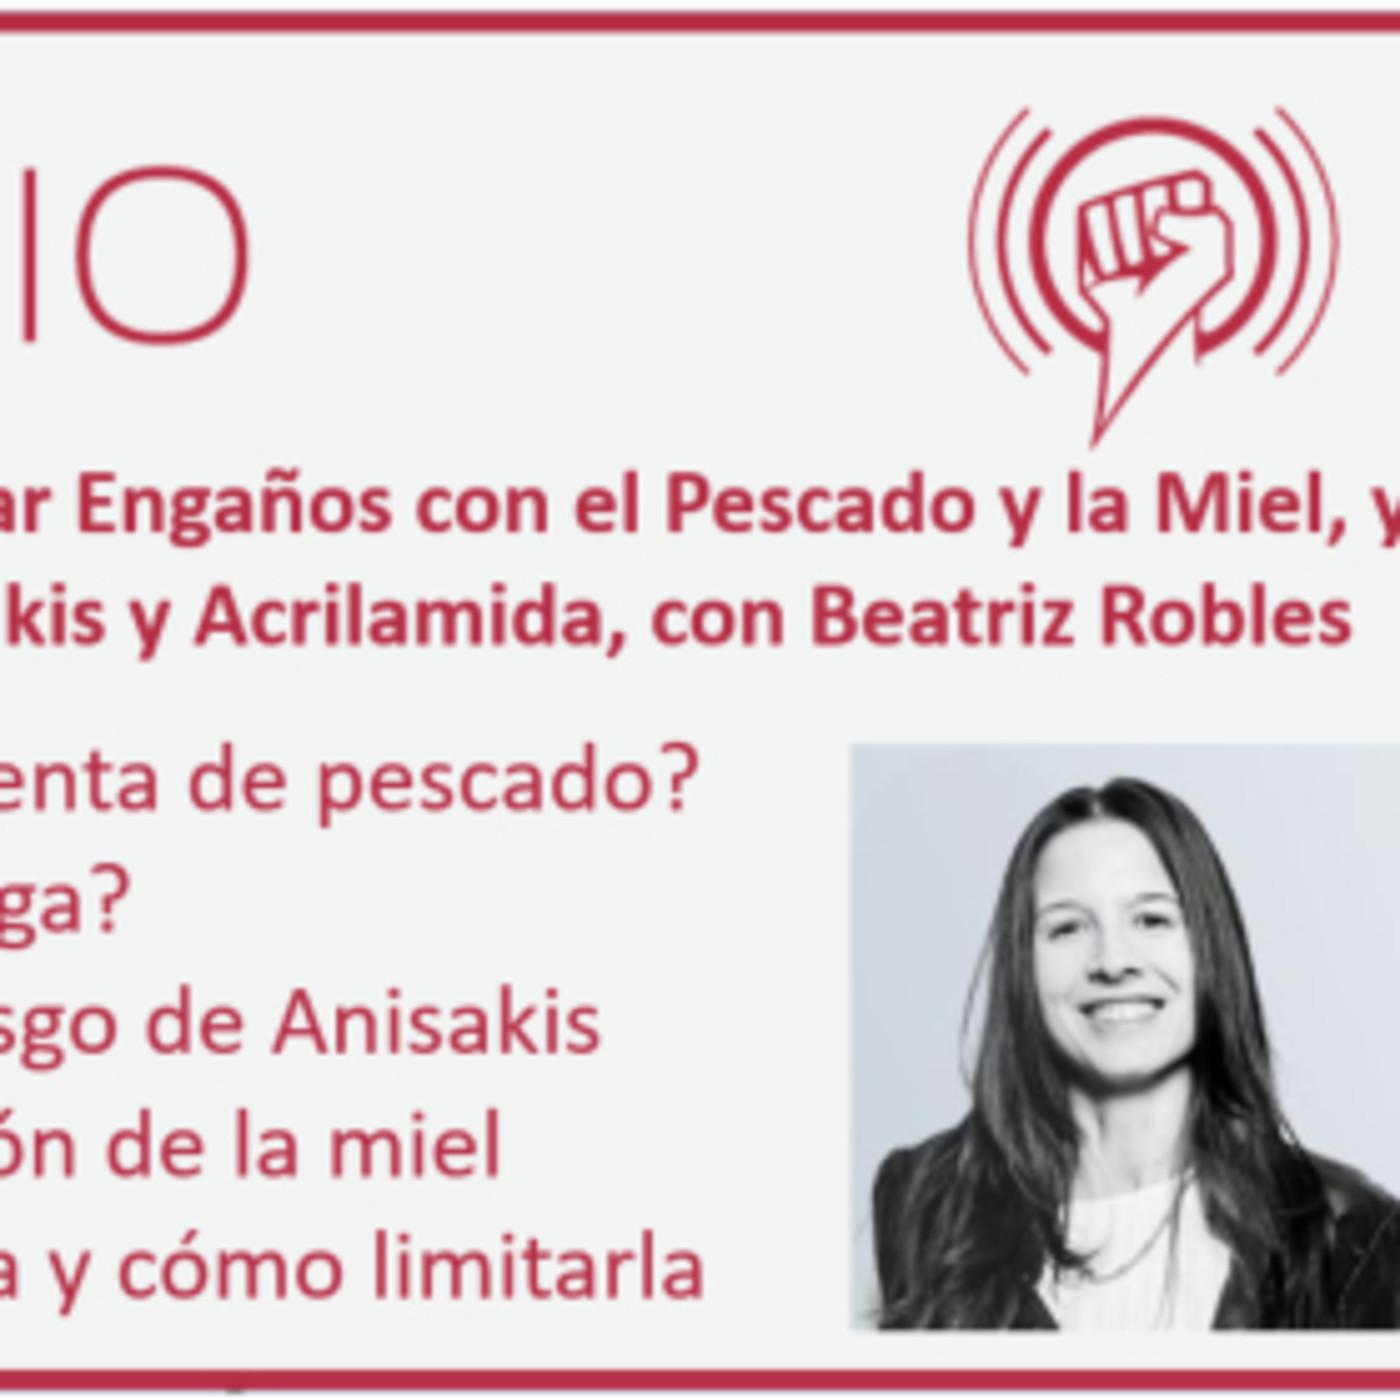 Episodio 163: Evitar Engaños con el Pescado y la Miel, y Reducir Riesgos de Anisakis y Acrilamida, con Beatriz Robles